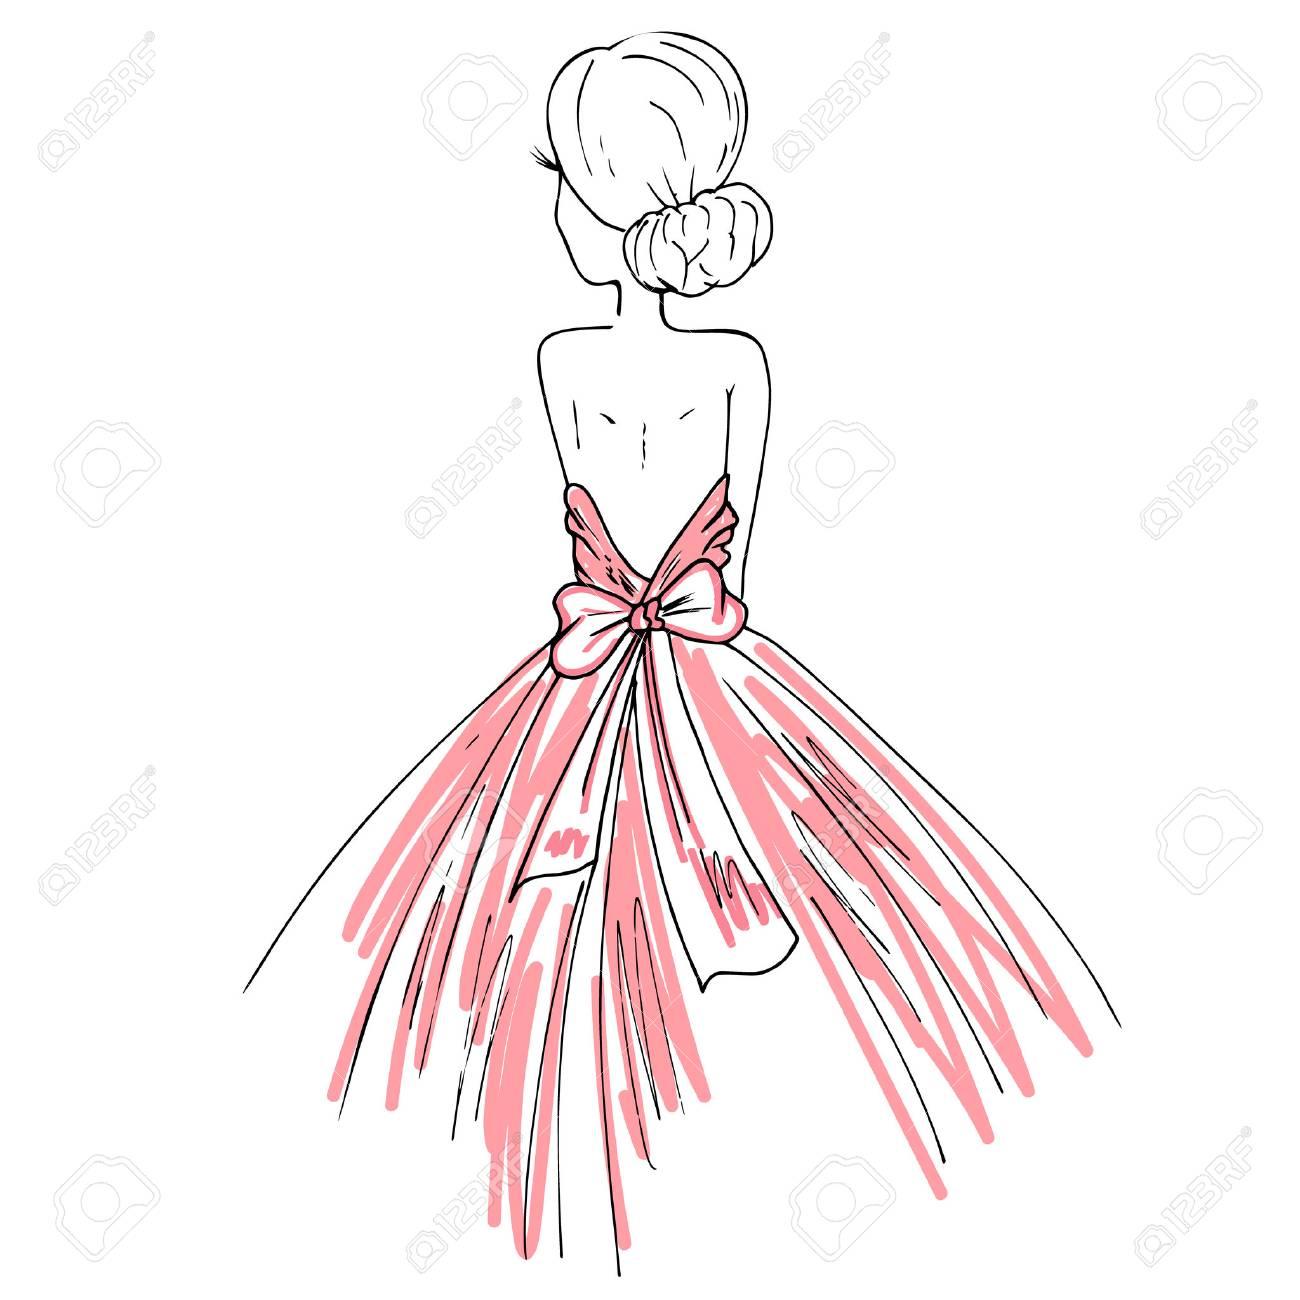 おしゃれなドレスでロマンチックな女の子